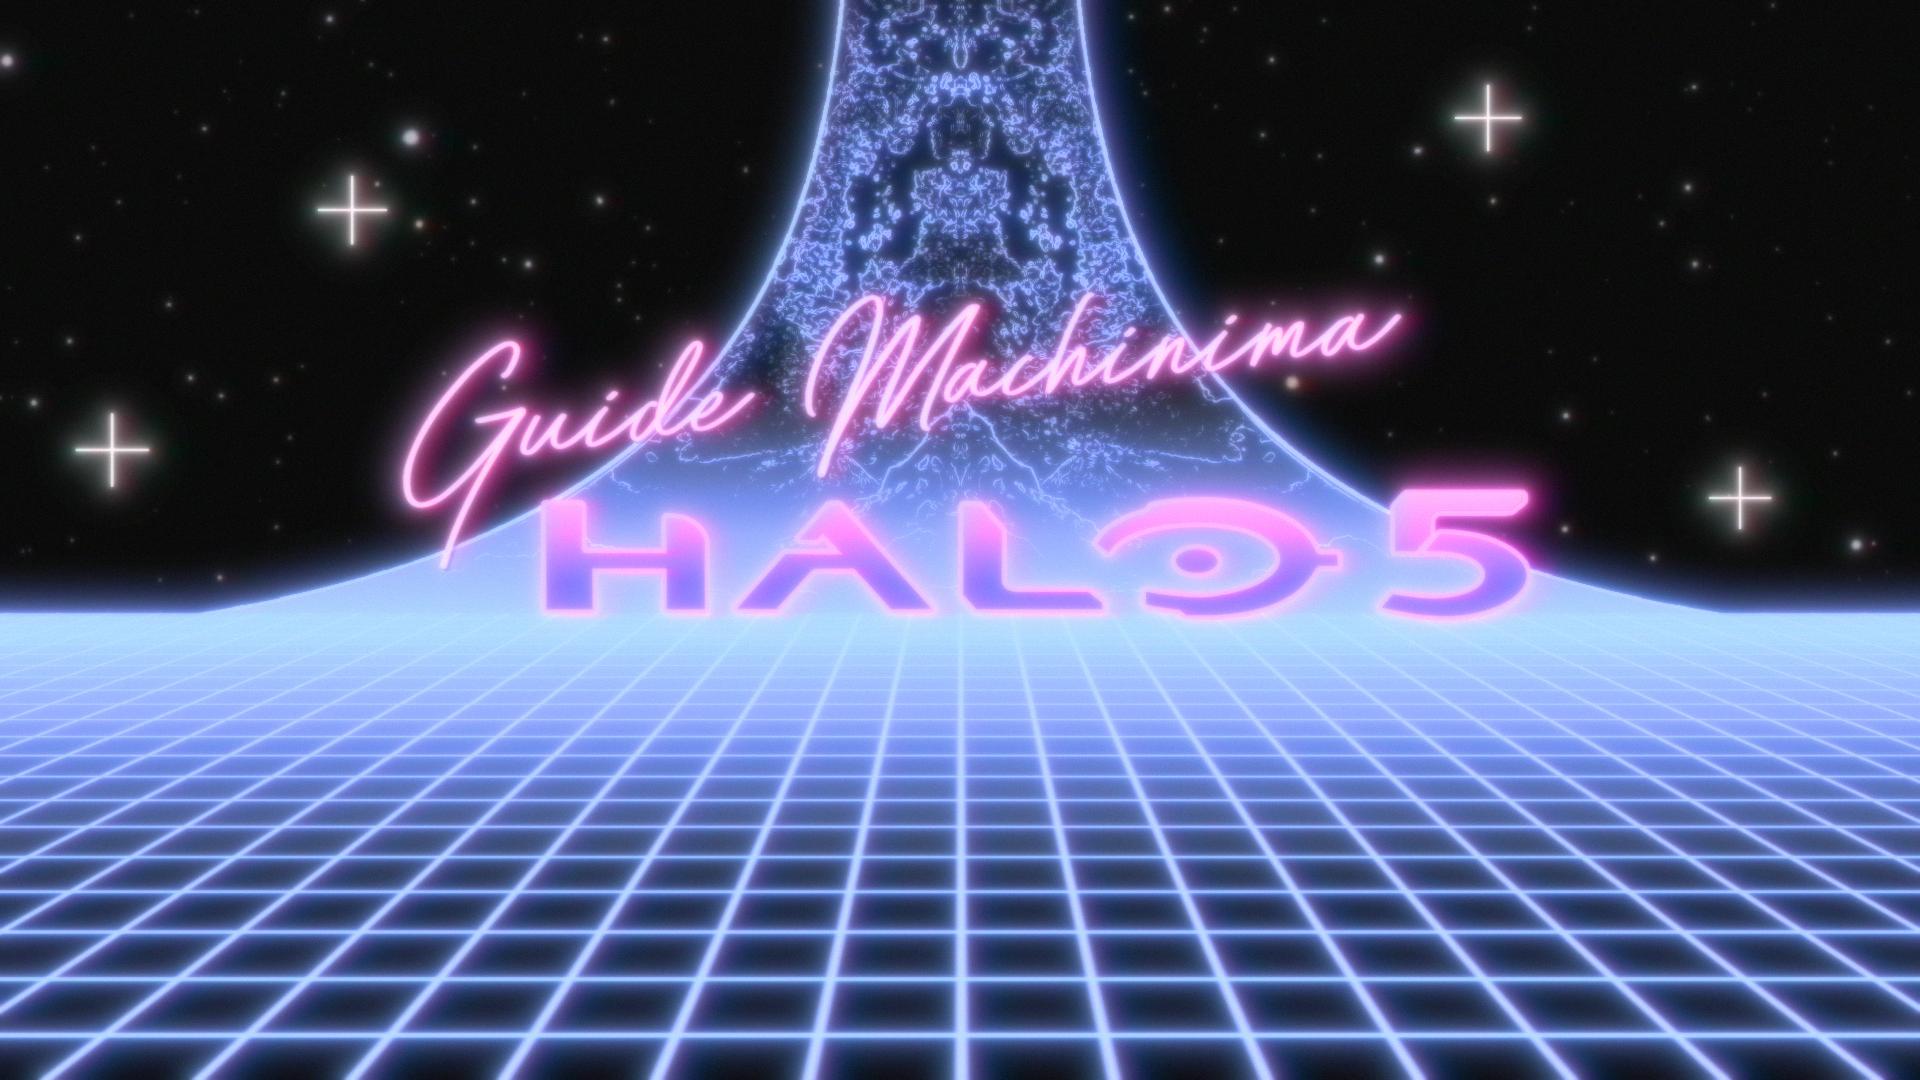 Annonce du guide machinima sur Halo 5